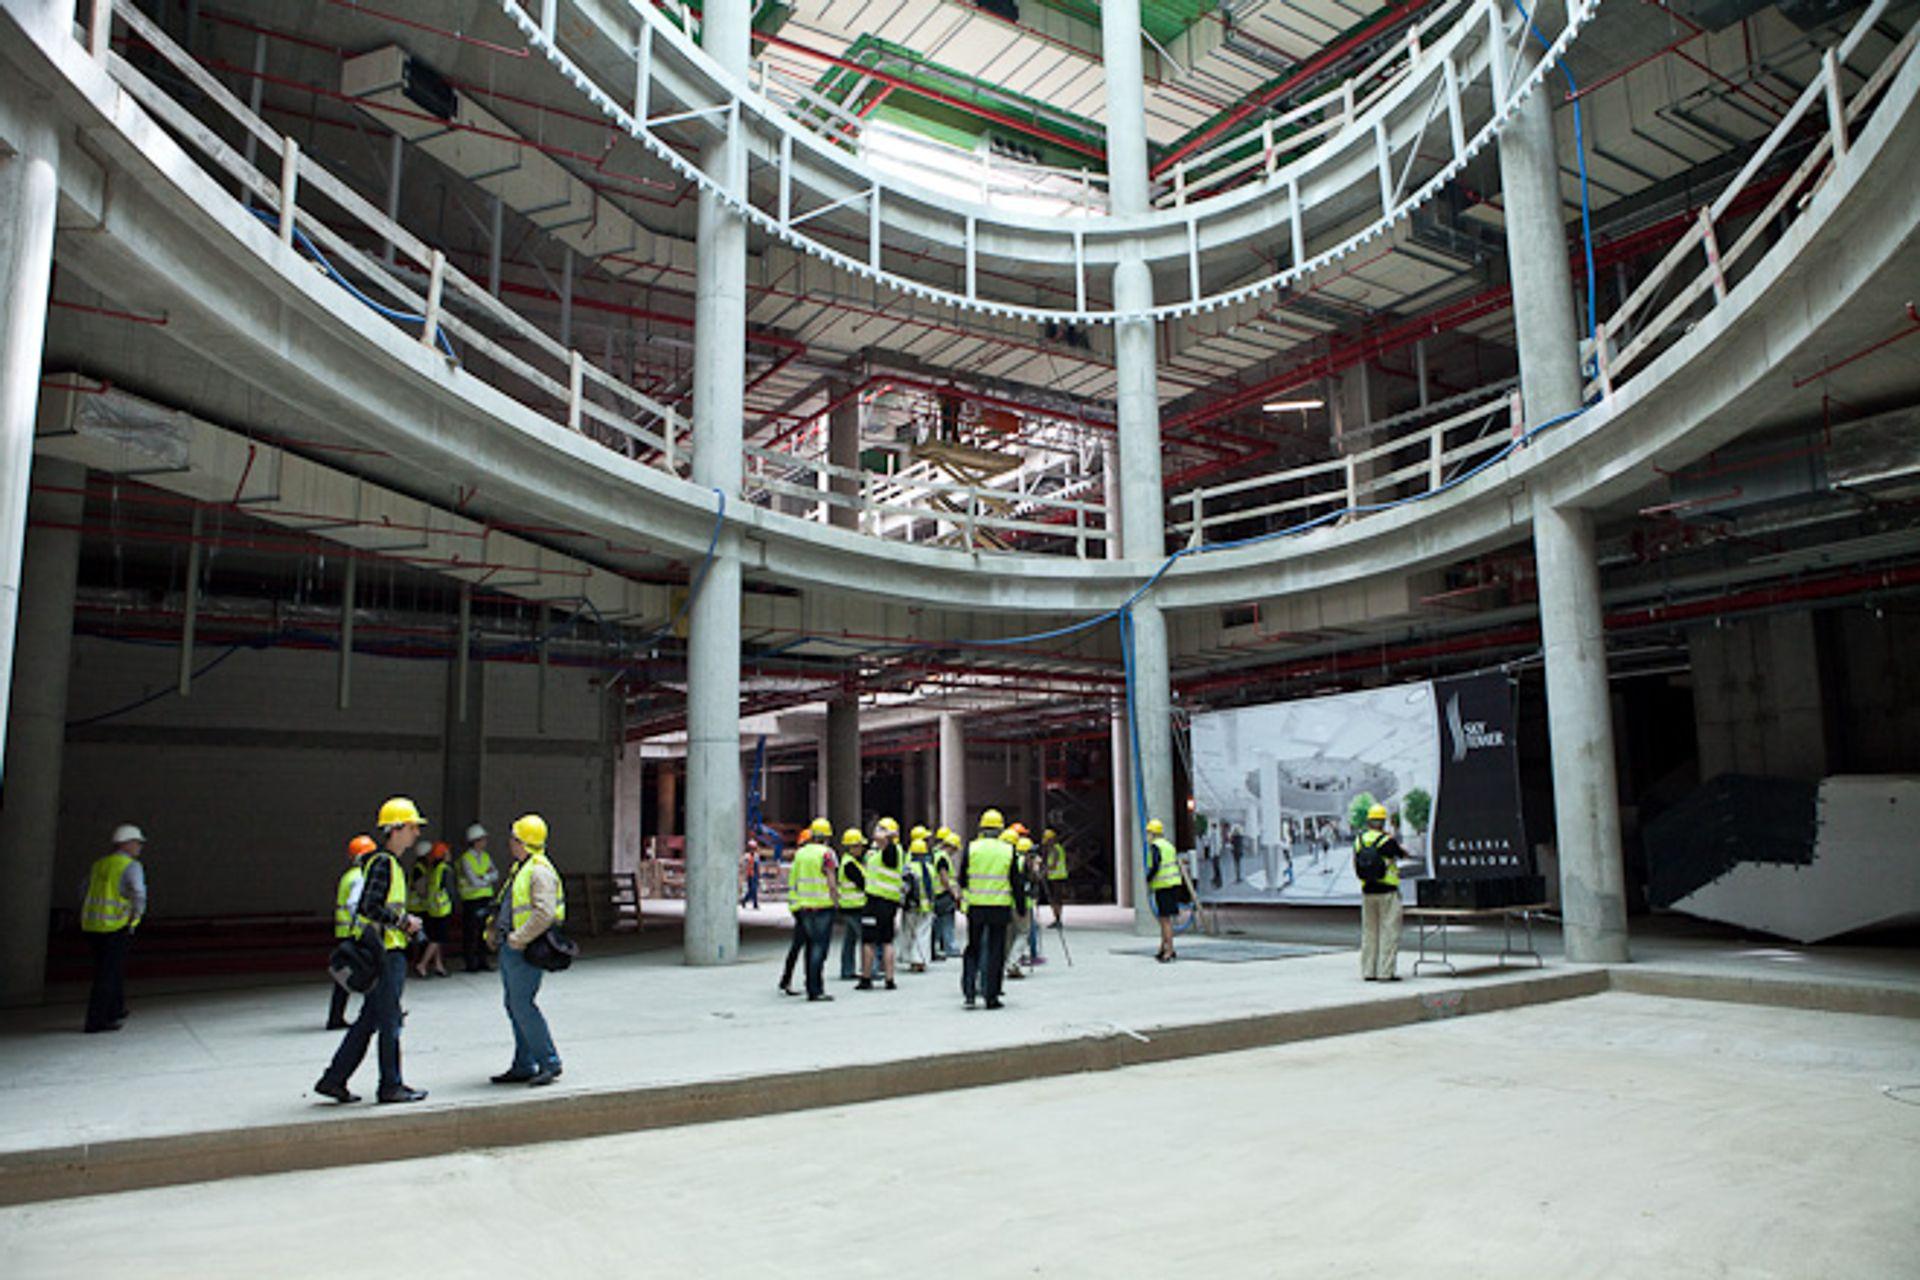 [Wrocław] Galeria w Sky Tower prawie gotowa. Zakupy zrobimy tu już 24 maja